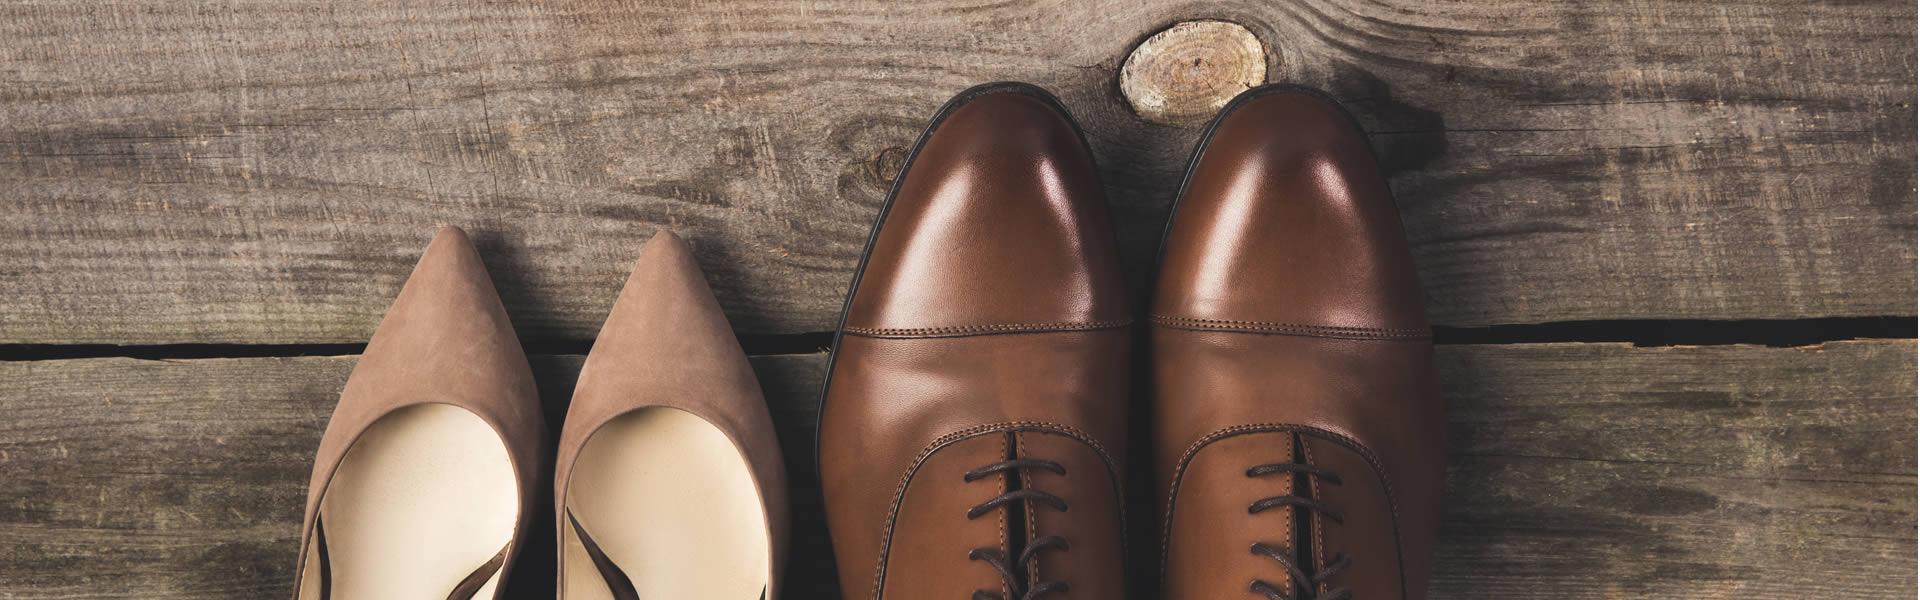 Le scarpe di Strocco Calzature - Torino